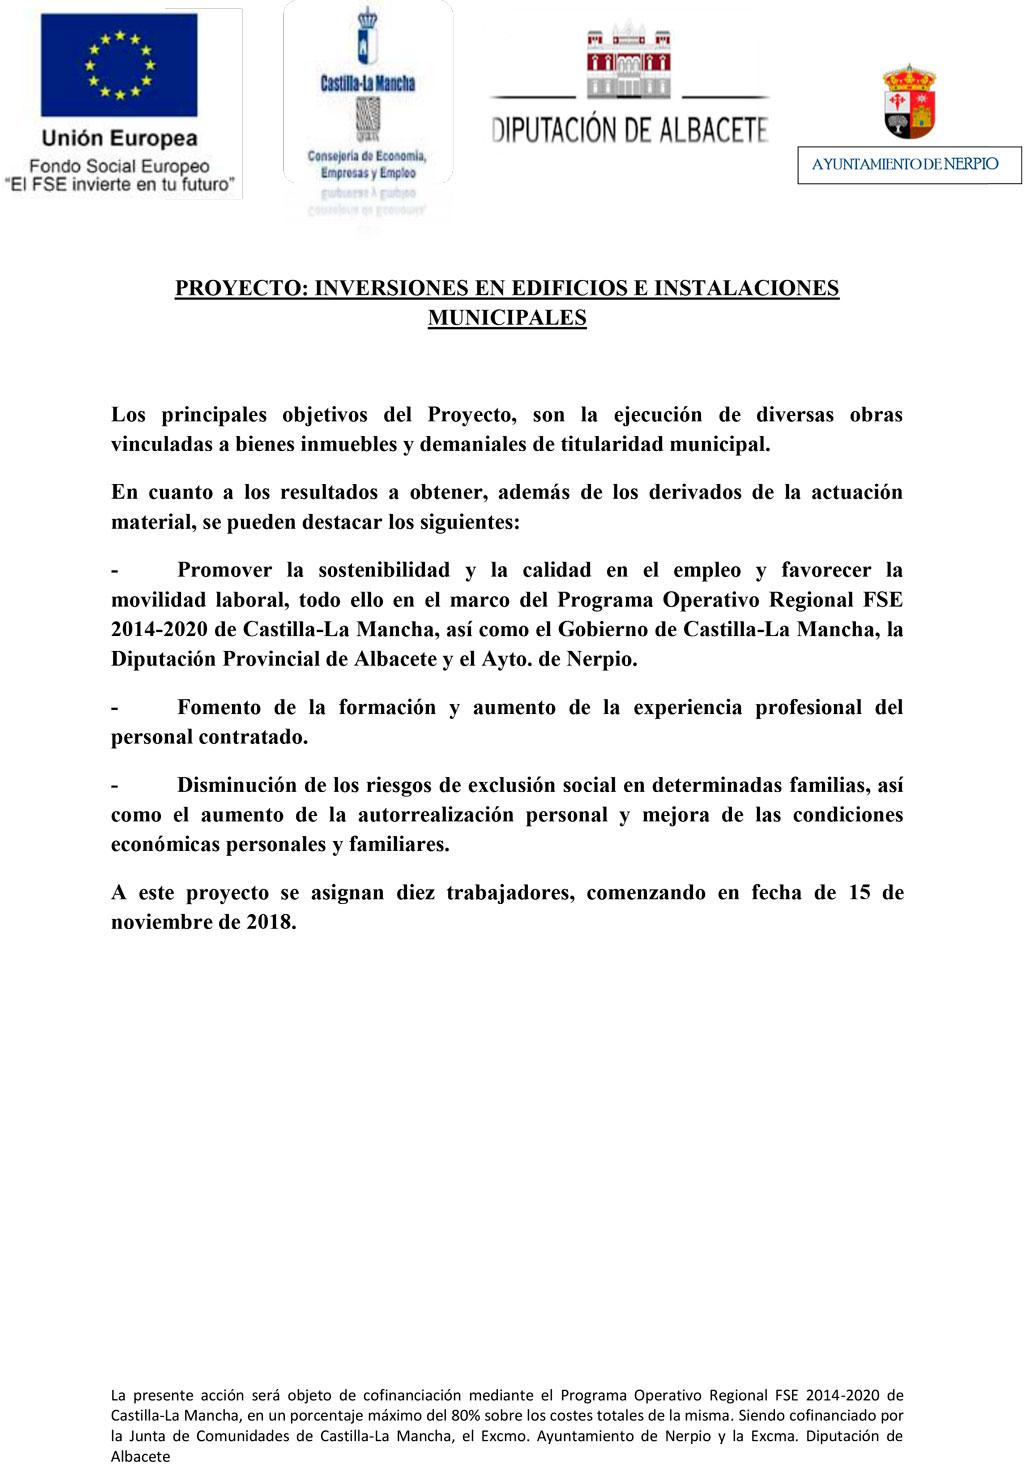 INVERSIONES-EN-EDIFICIOS-E-INSTALACIONES-MUNICIPALES